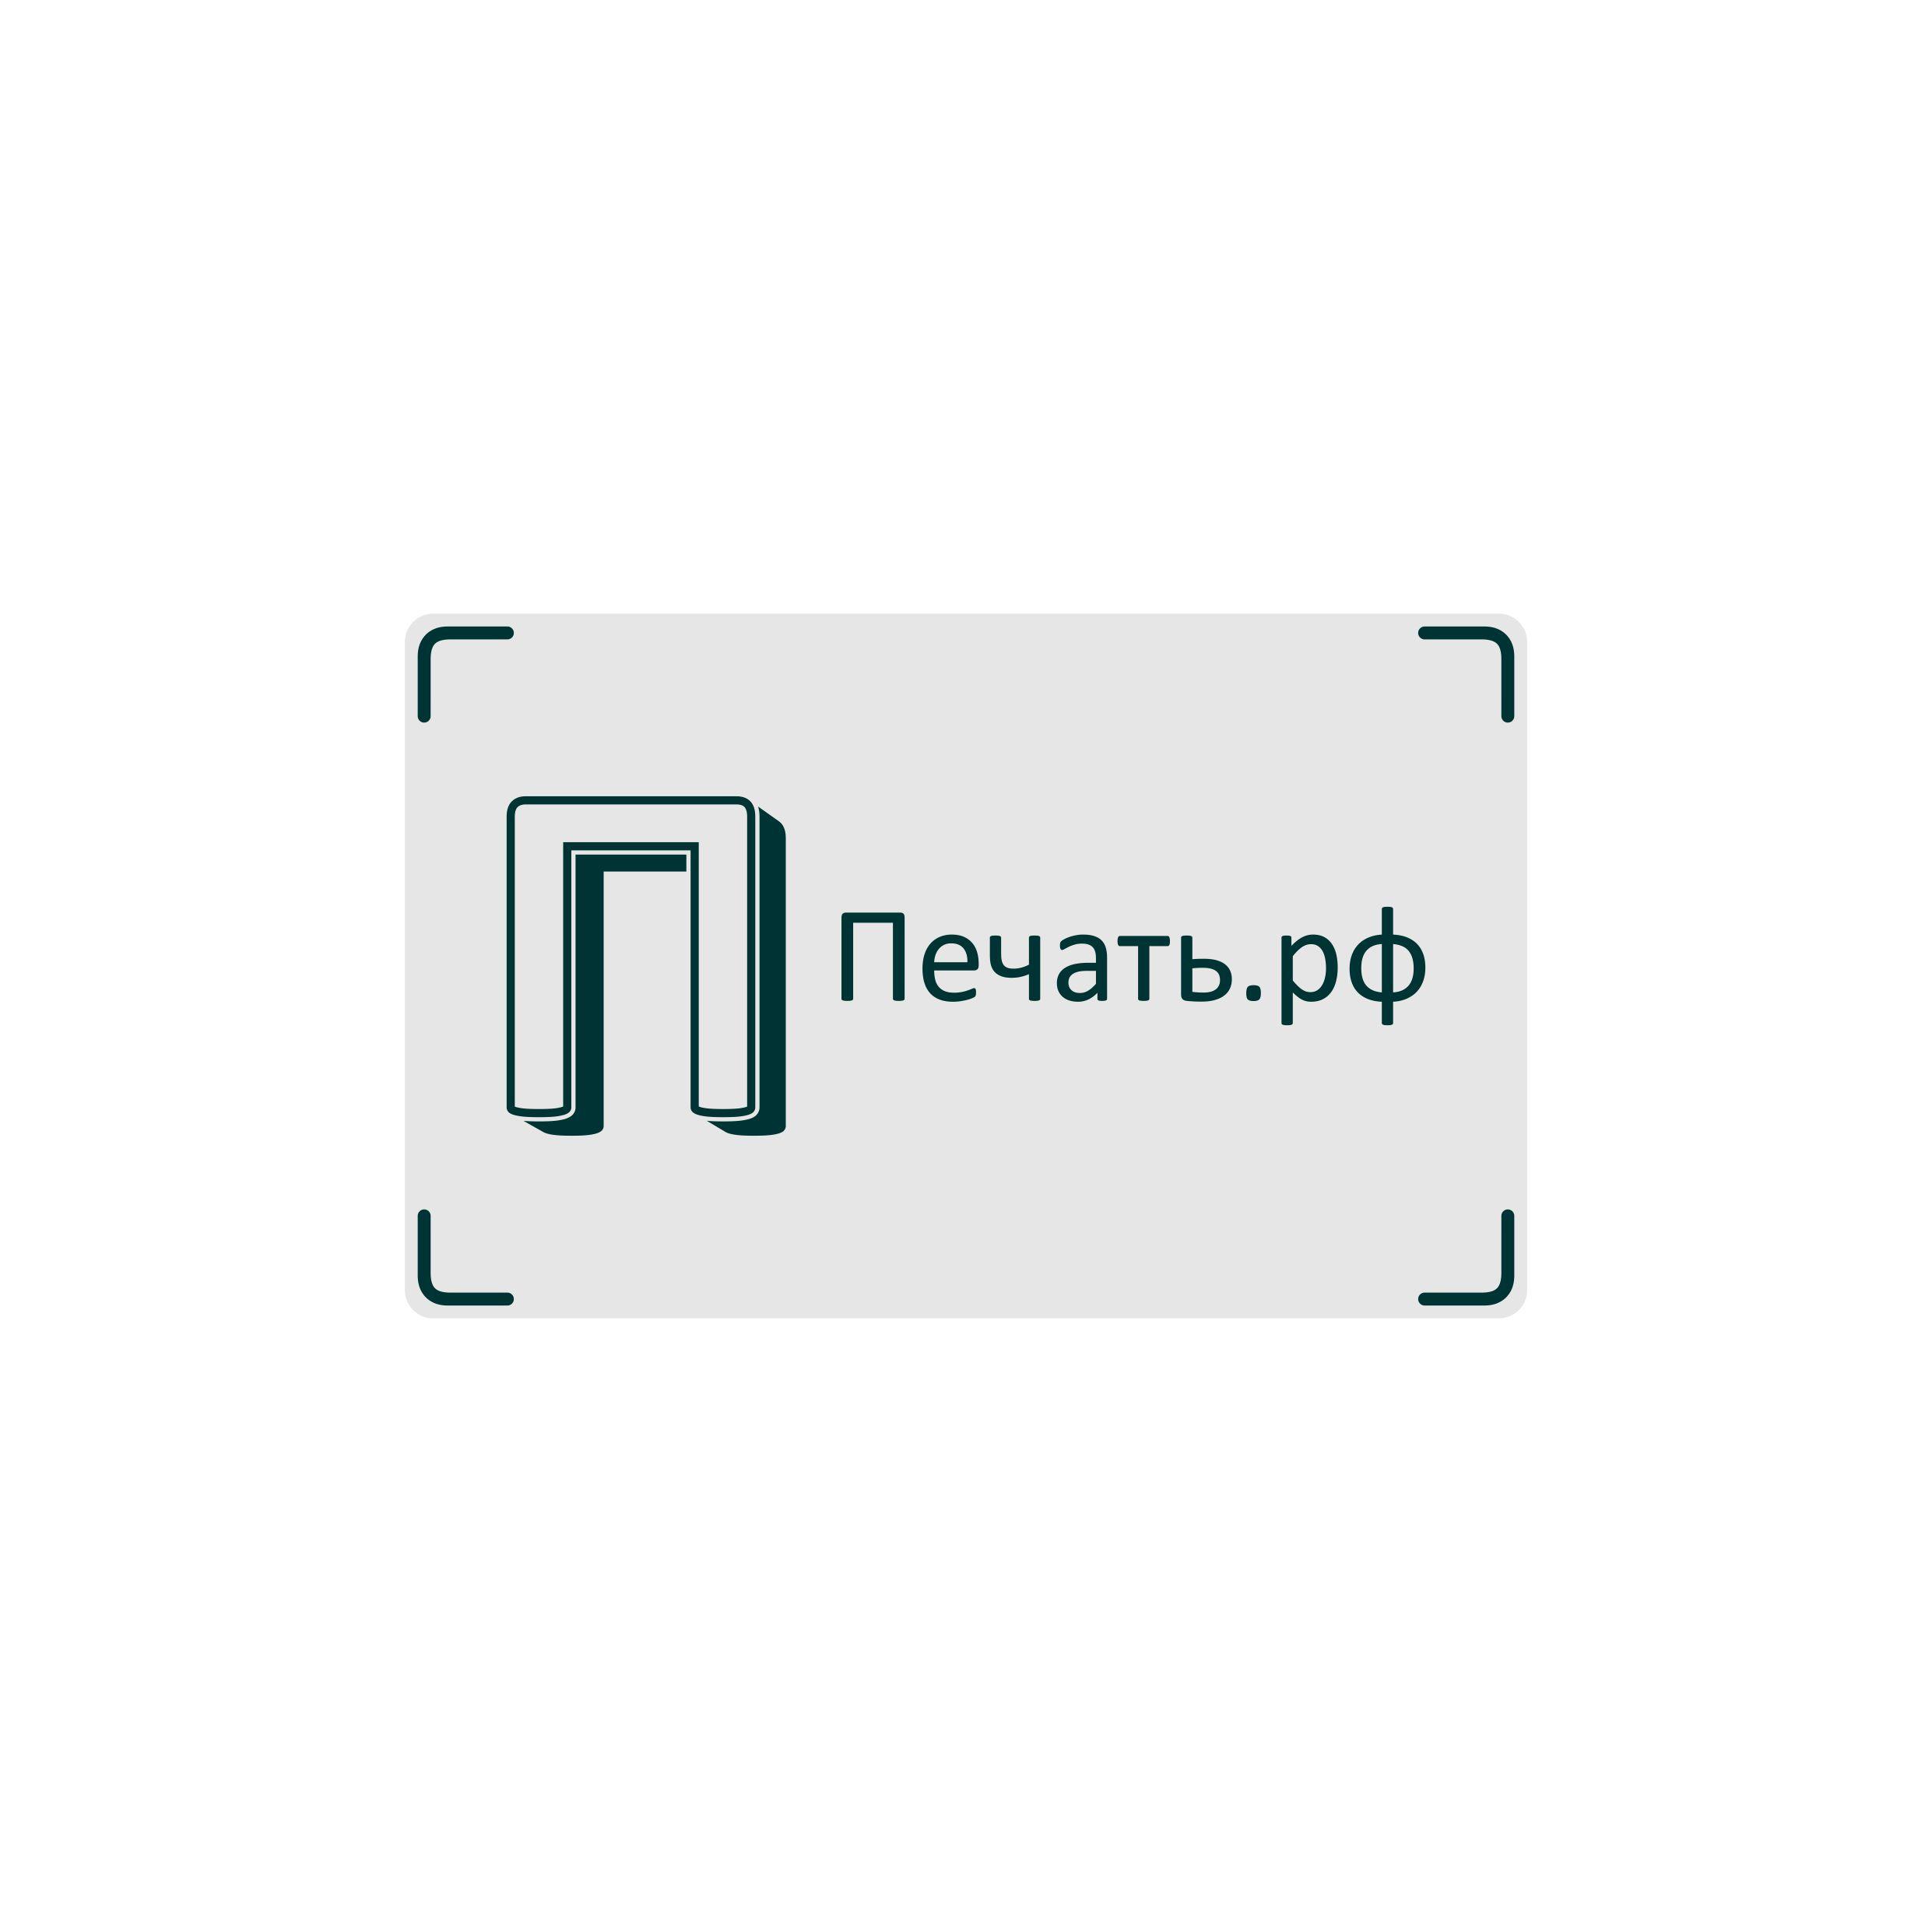 Логотип для веб-сервиса интерьерной печати и оперативной пол фото f_7485d2a4702d7da1.jpg